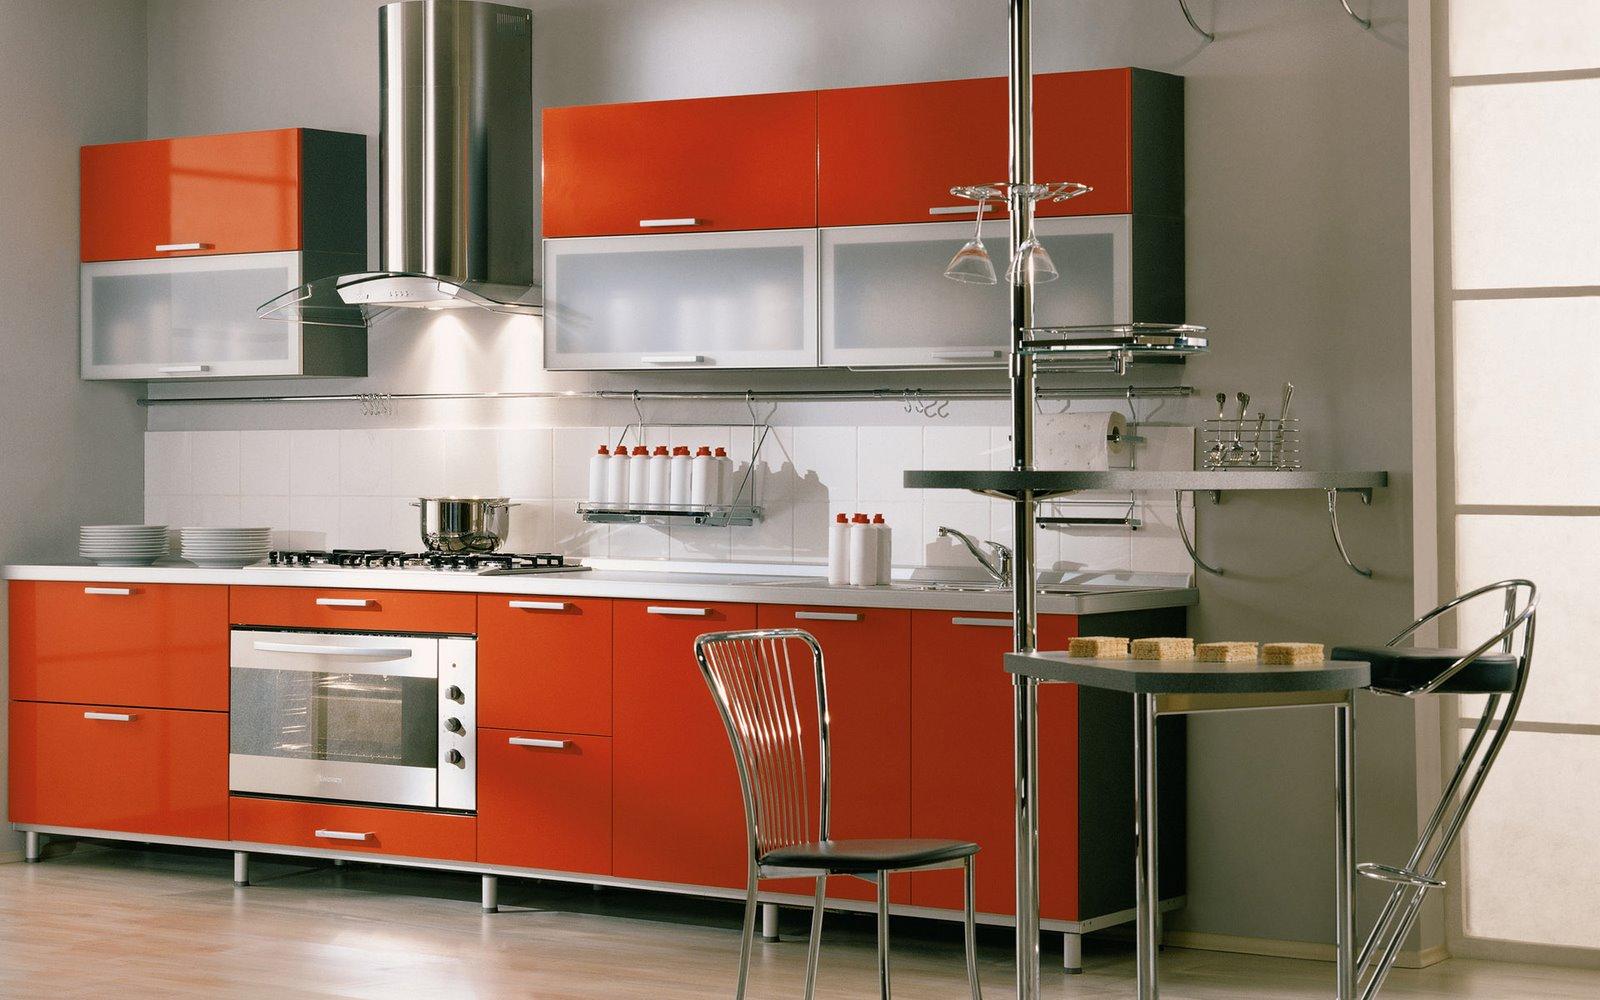 Wooden kitchen set Photo - 4